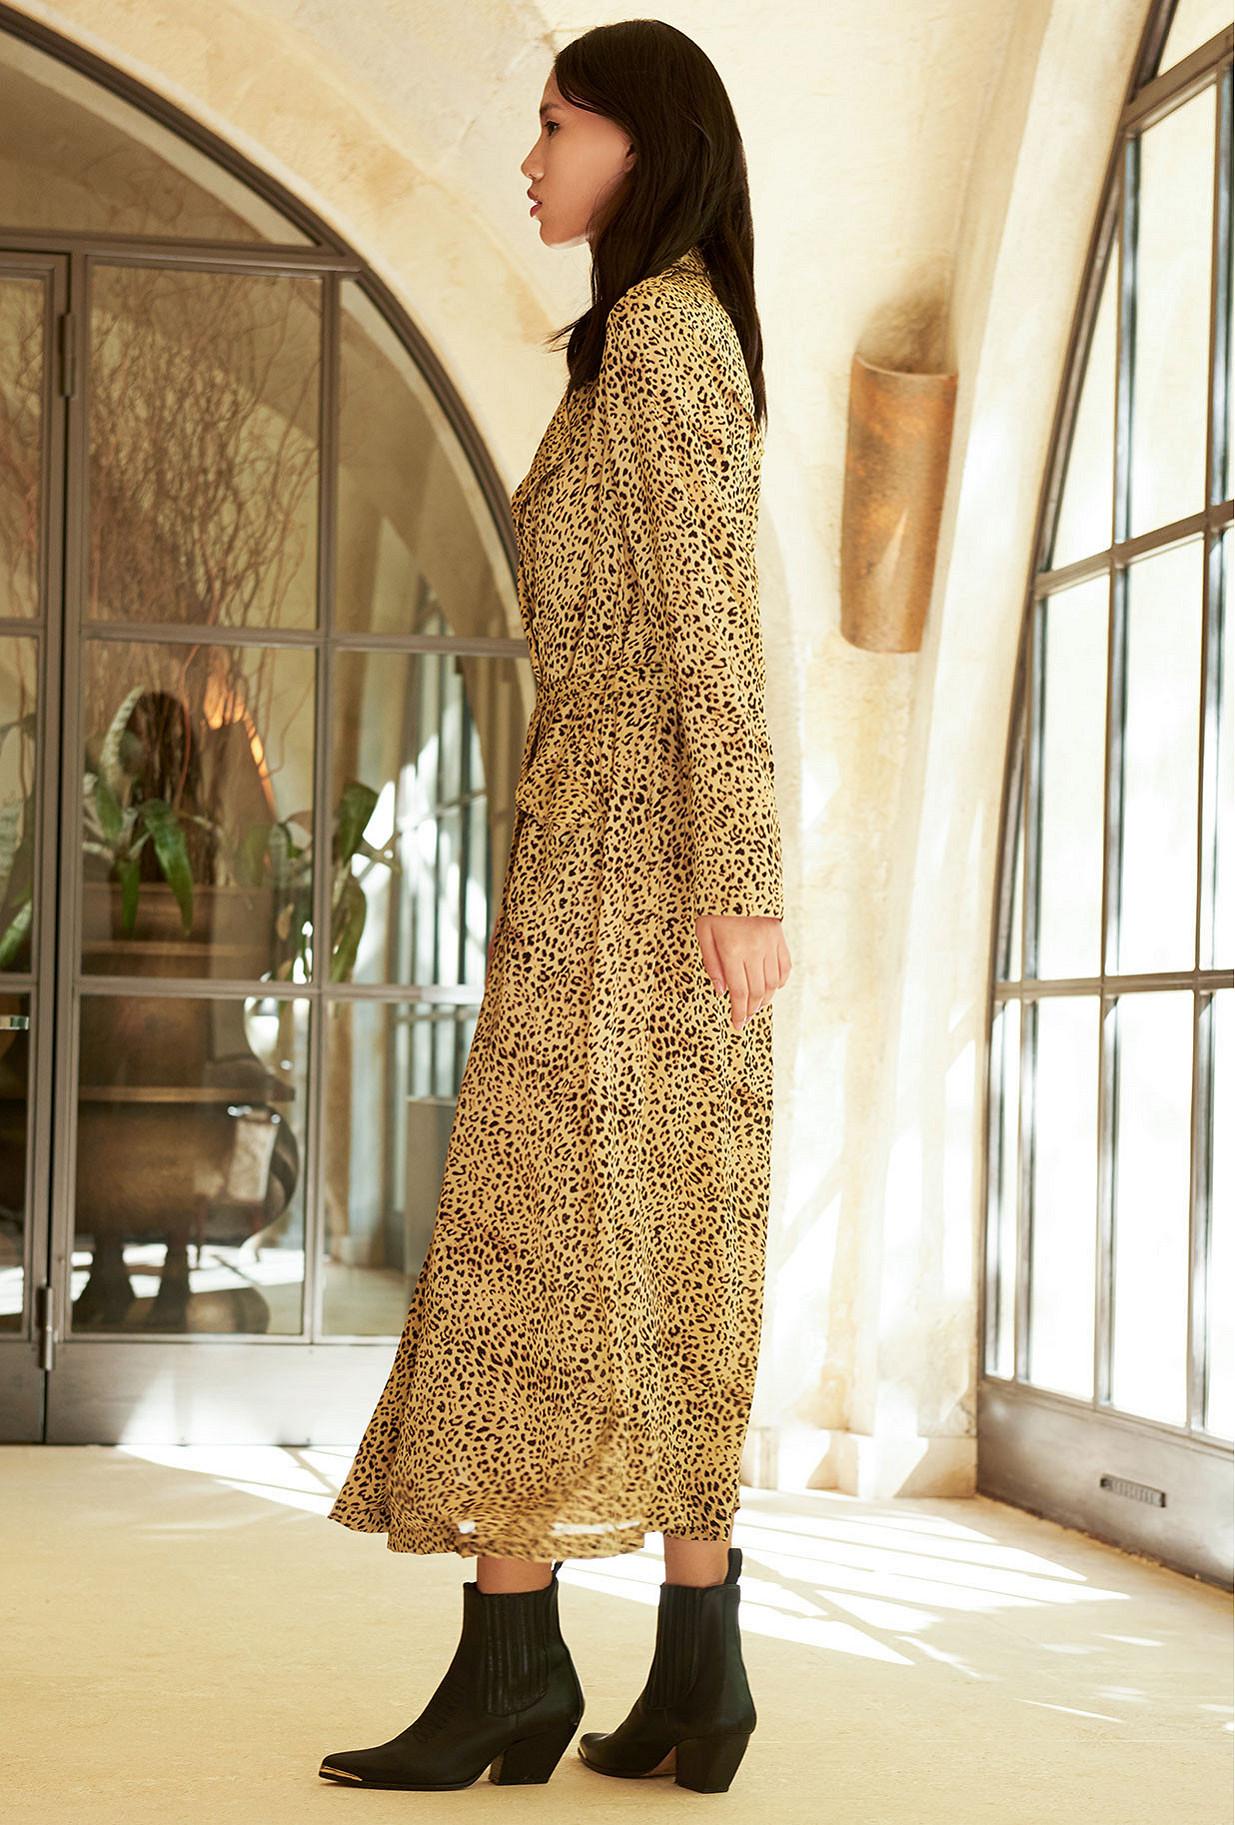 Manteau Panthère  Rosita mes demoiselles paris vêtement femme paris